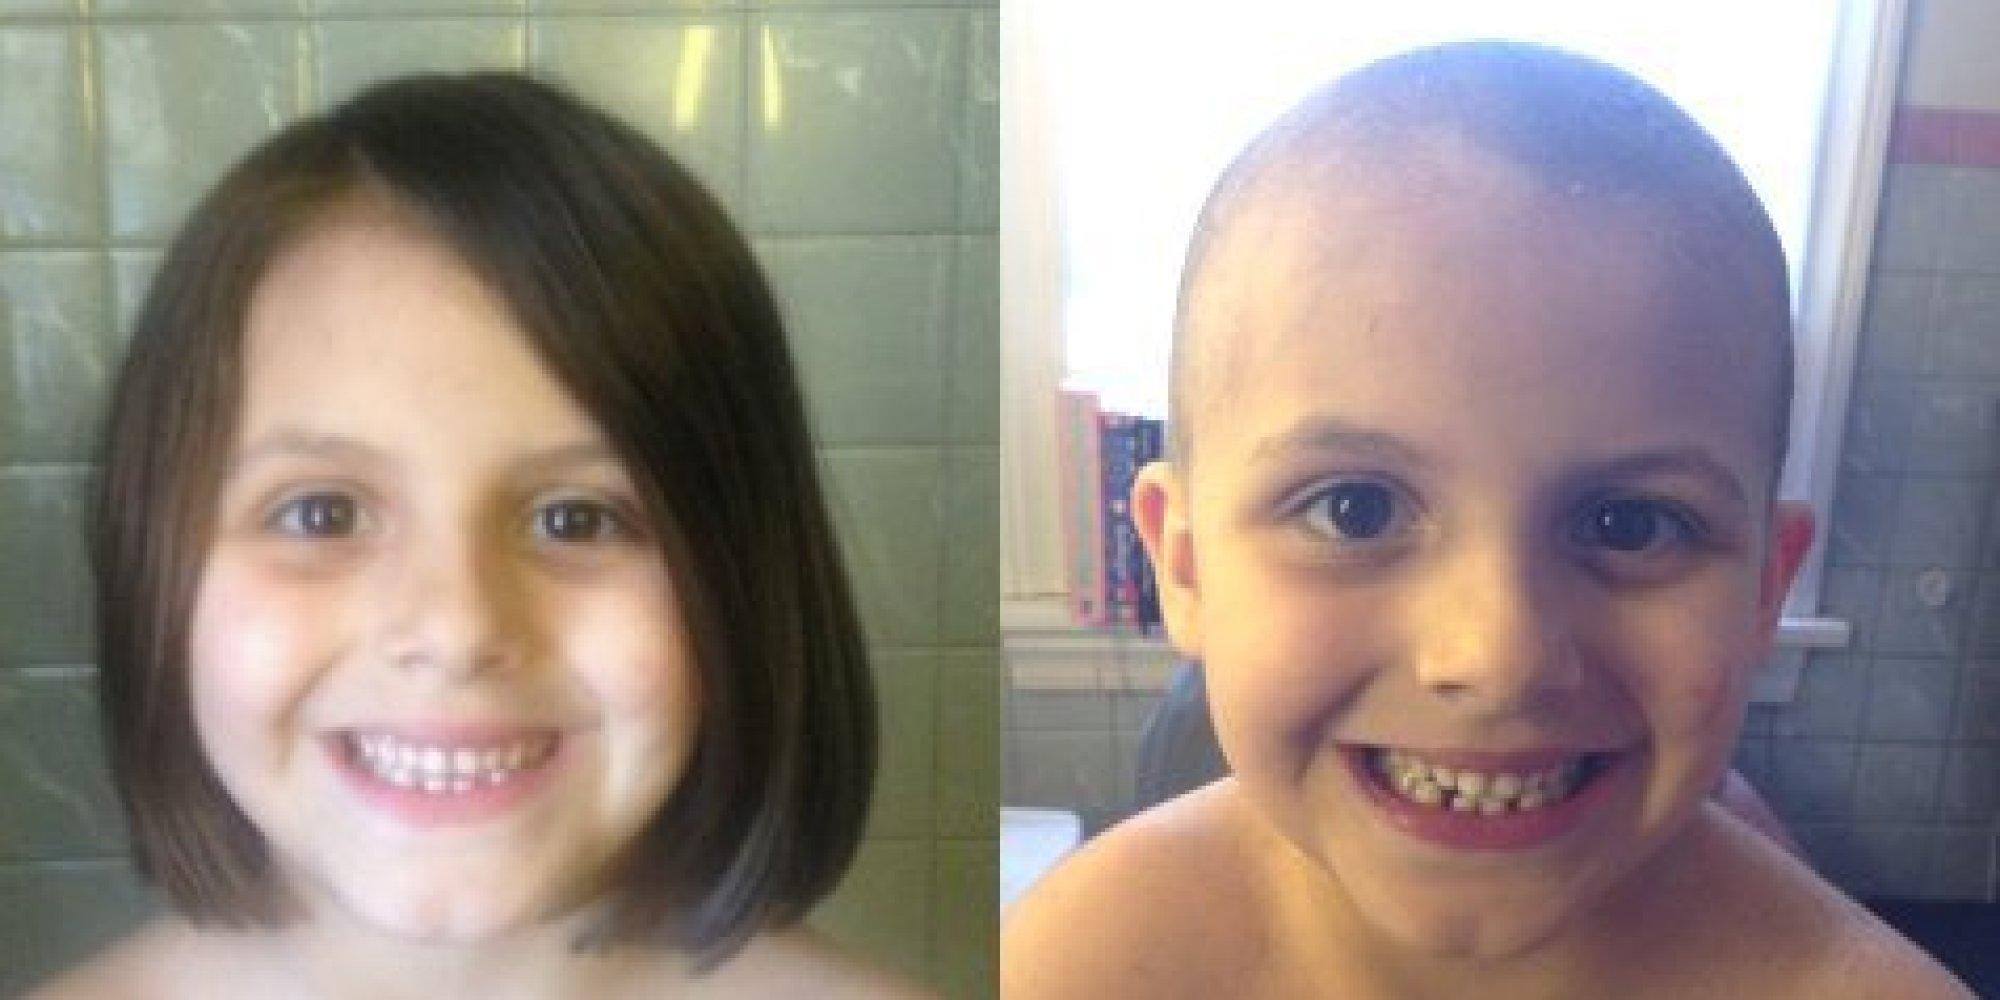 Warum sie sich den Kopf rasierte